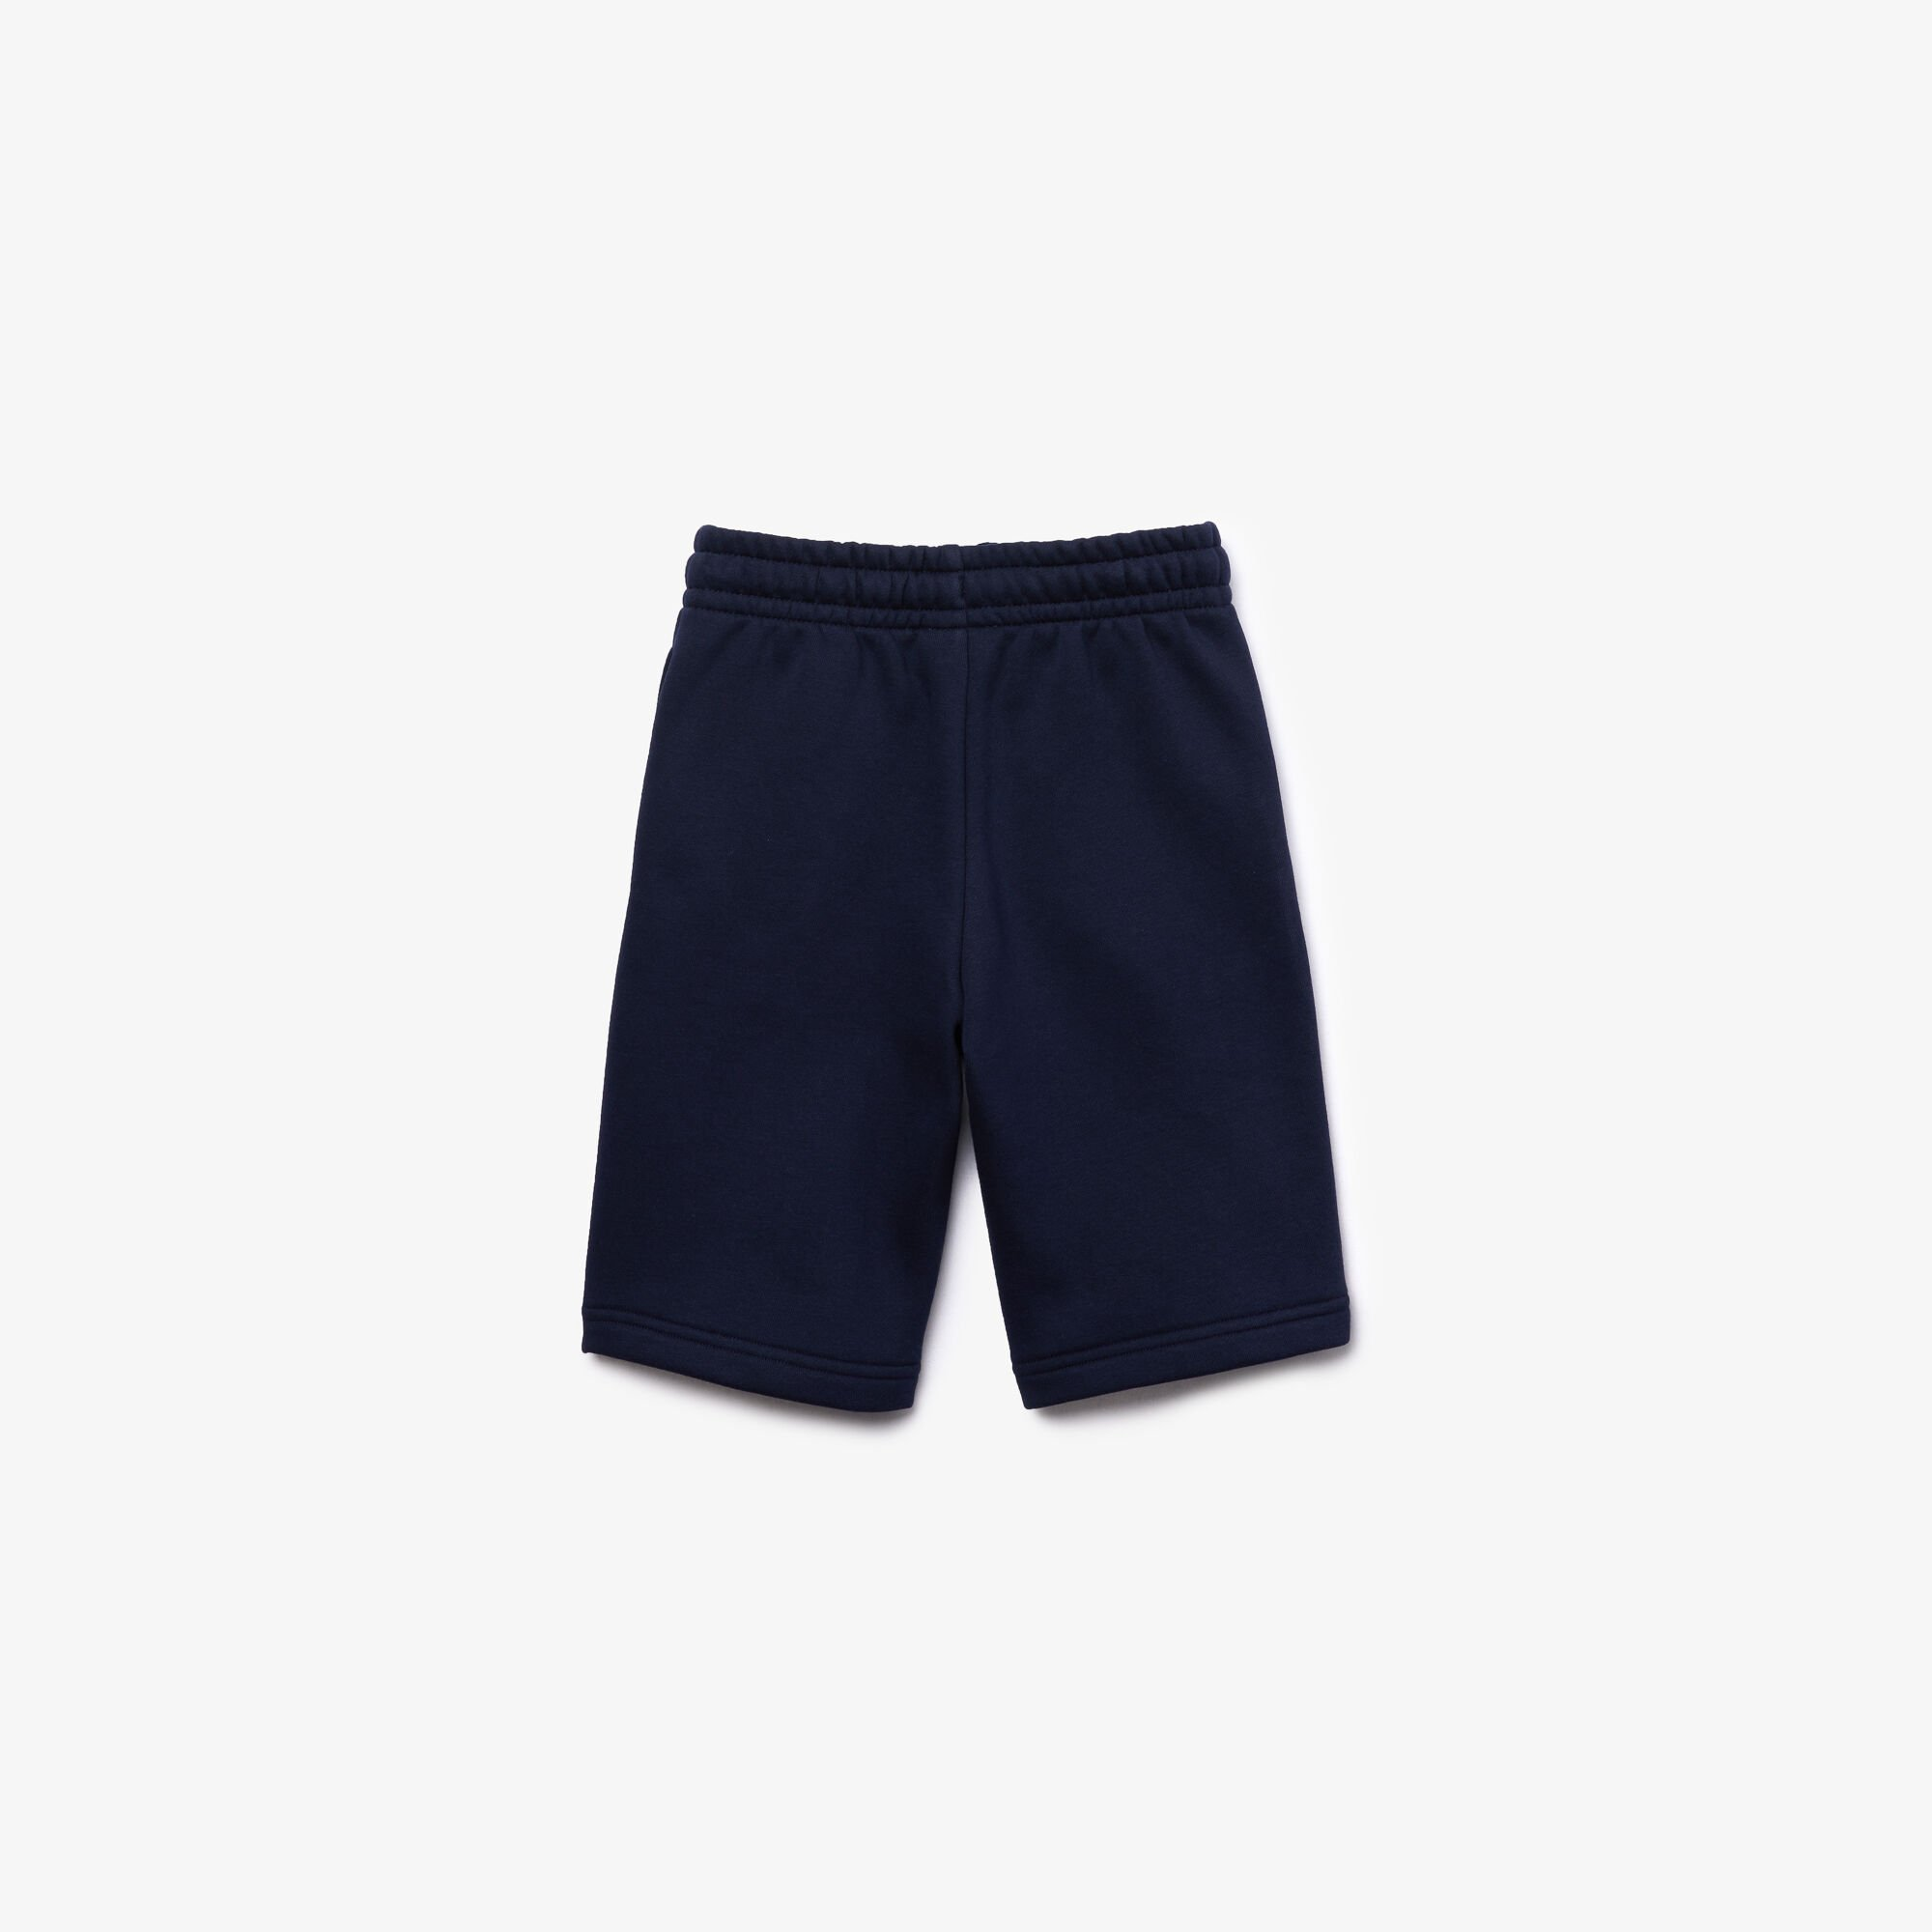 Boys' Lacoste SPORT Tennis Cotton Fleece Shorts